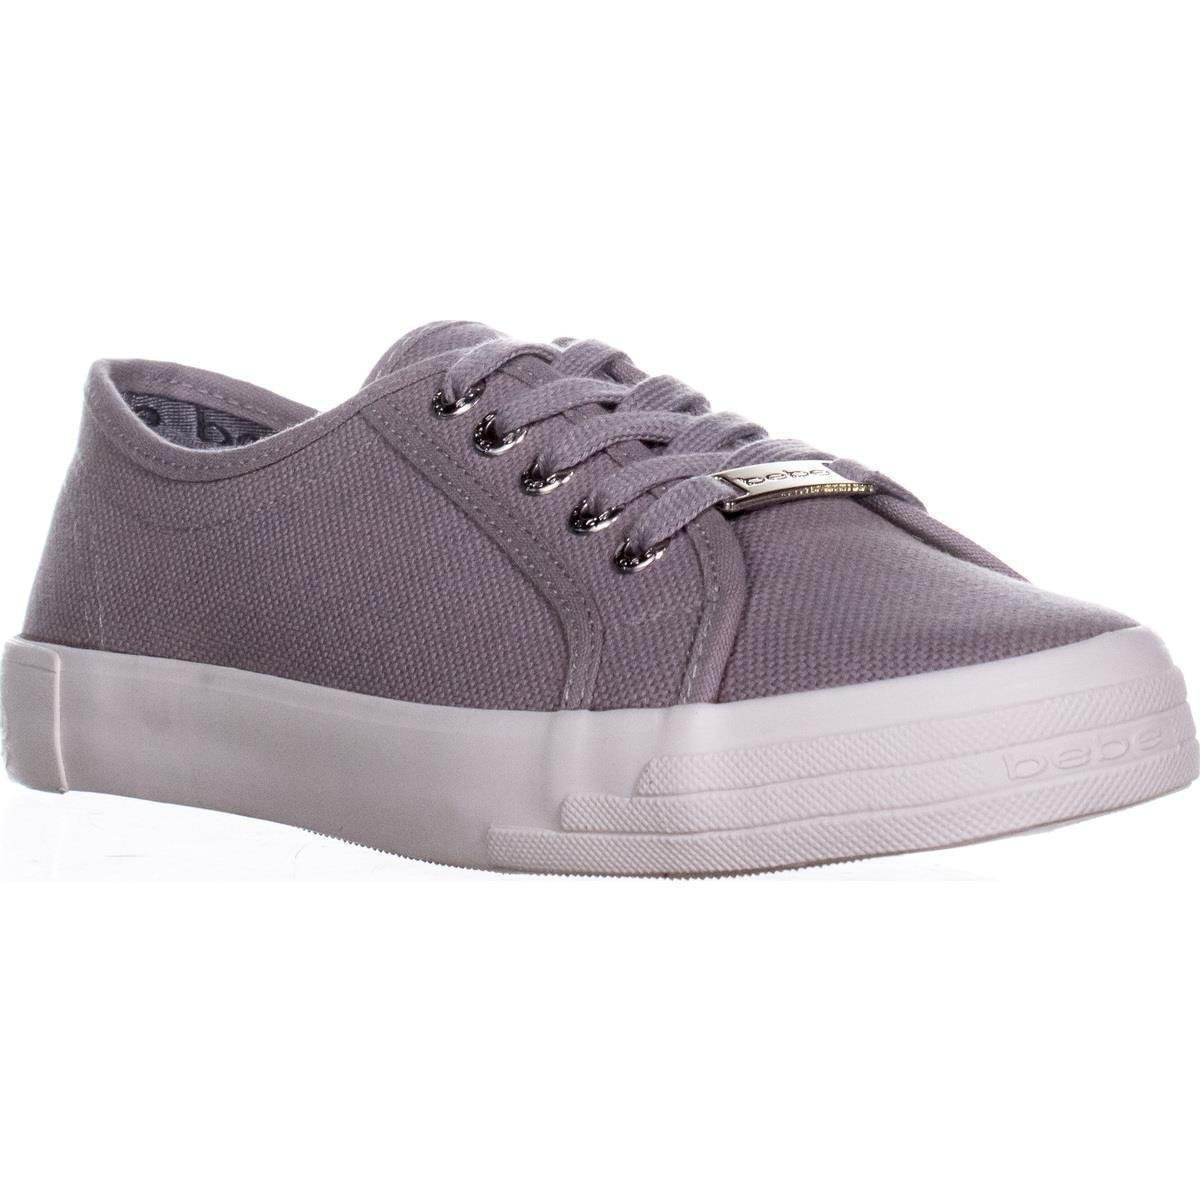 bebe Women's Dane-l Fashion Sneaker B07CSL6DW8 6 B(M) US|Grey